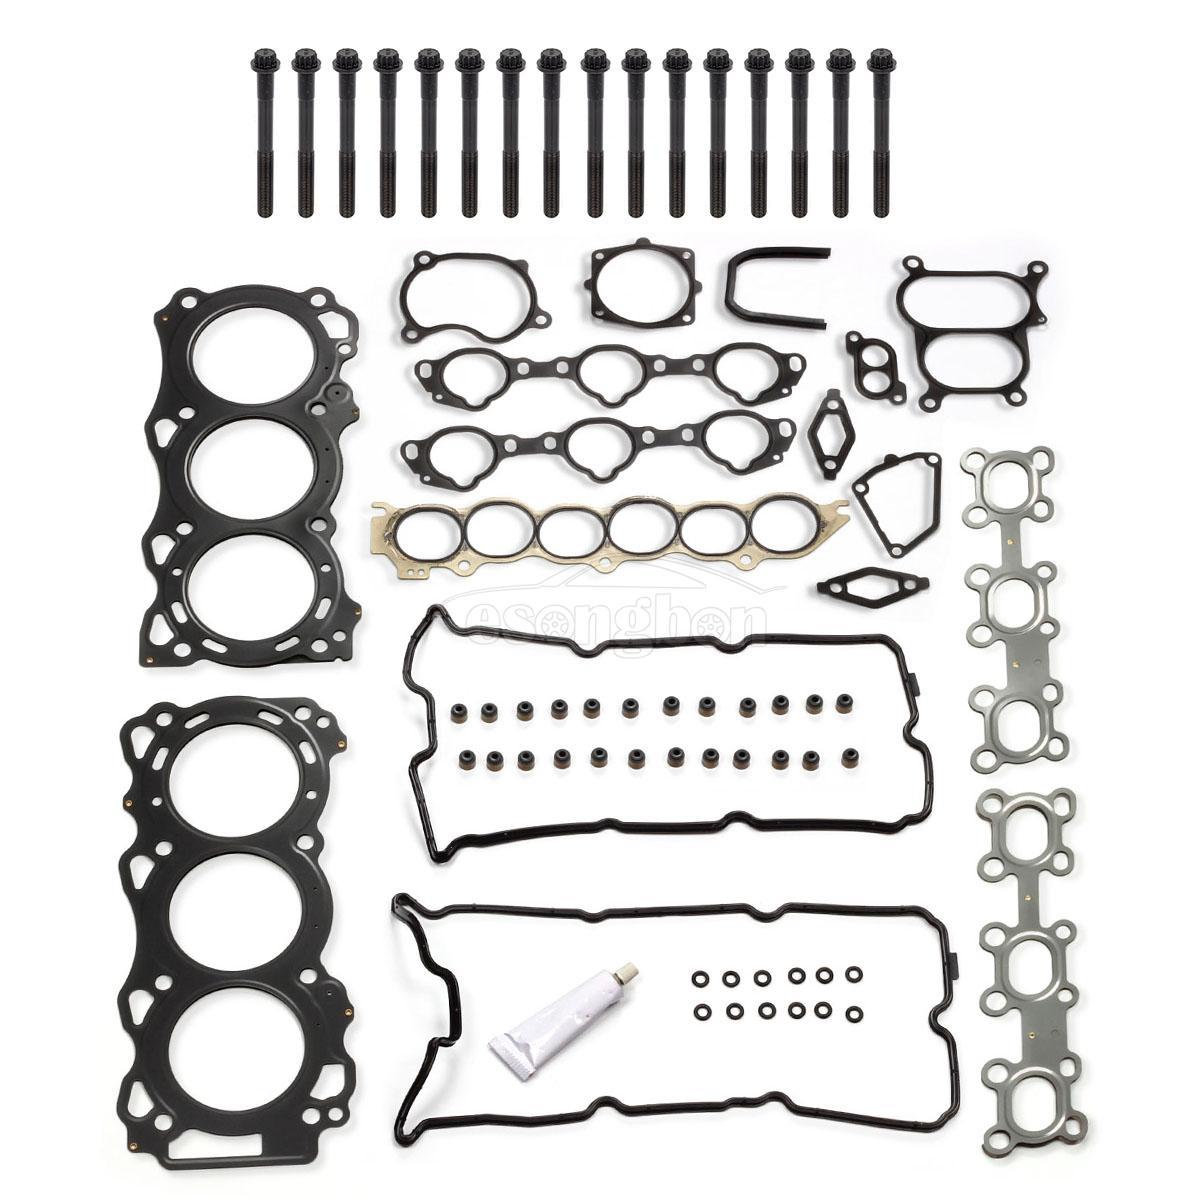 For Nissan Altima Maxima 3 5l Vq35de Cylinder